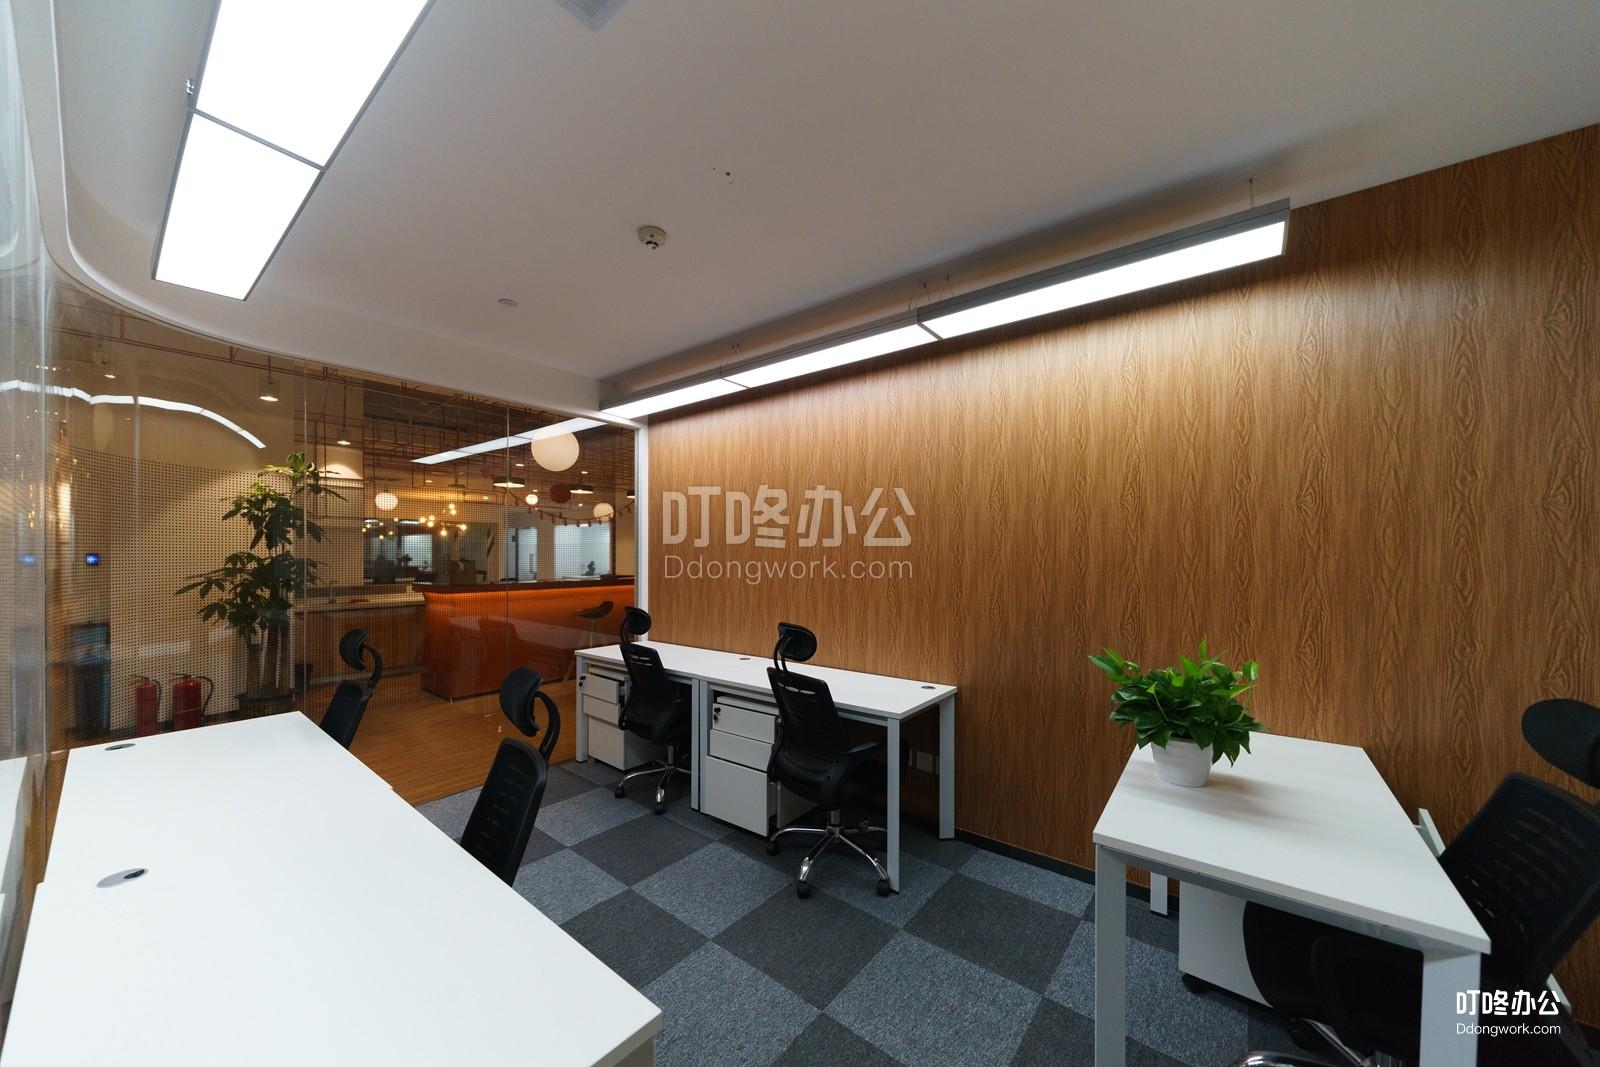 深圳数码大厦•优客工场独立空间